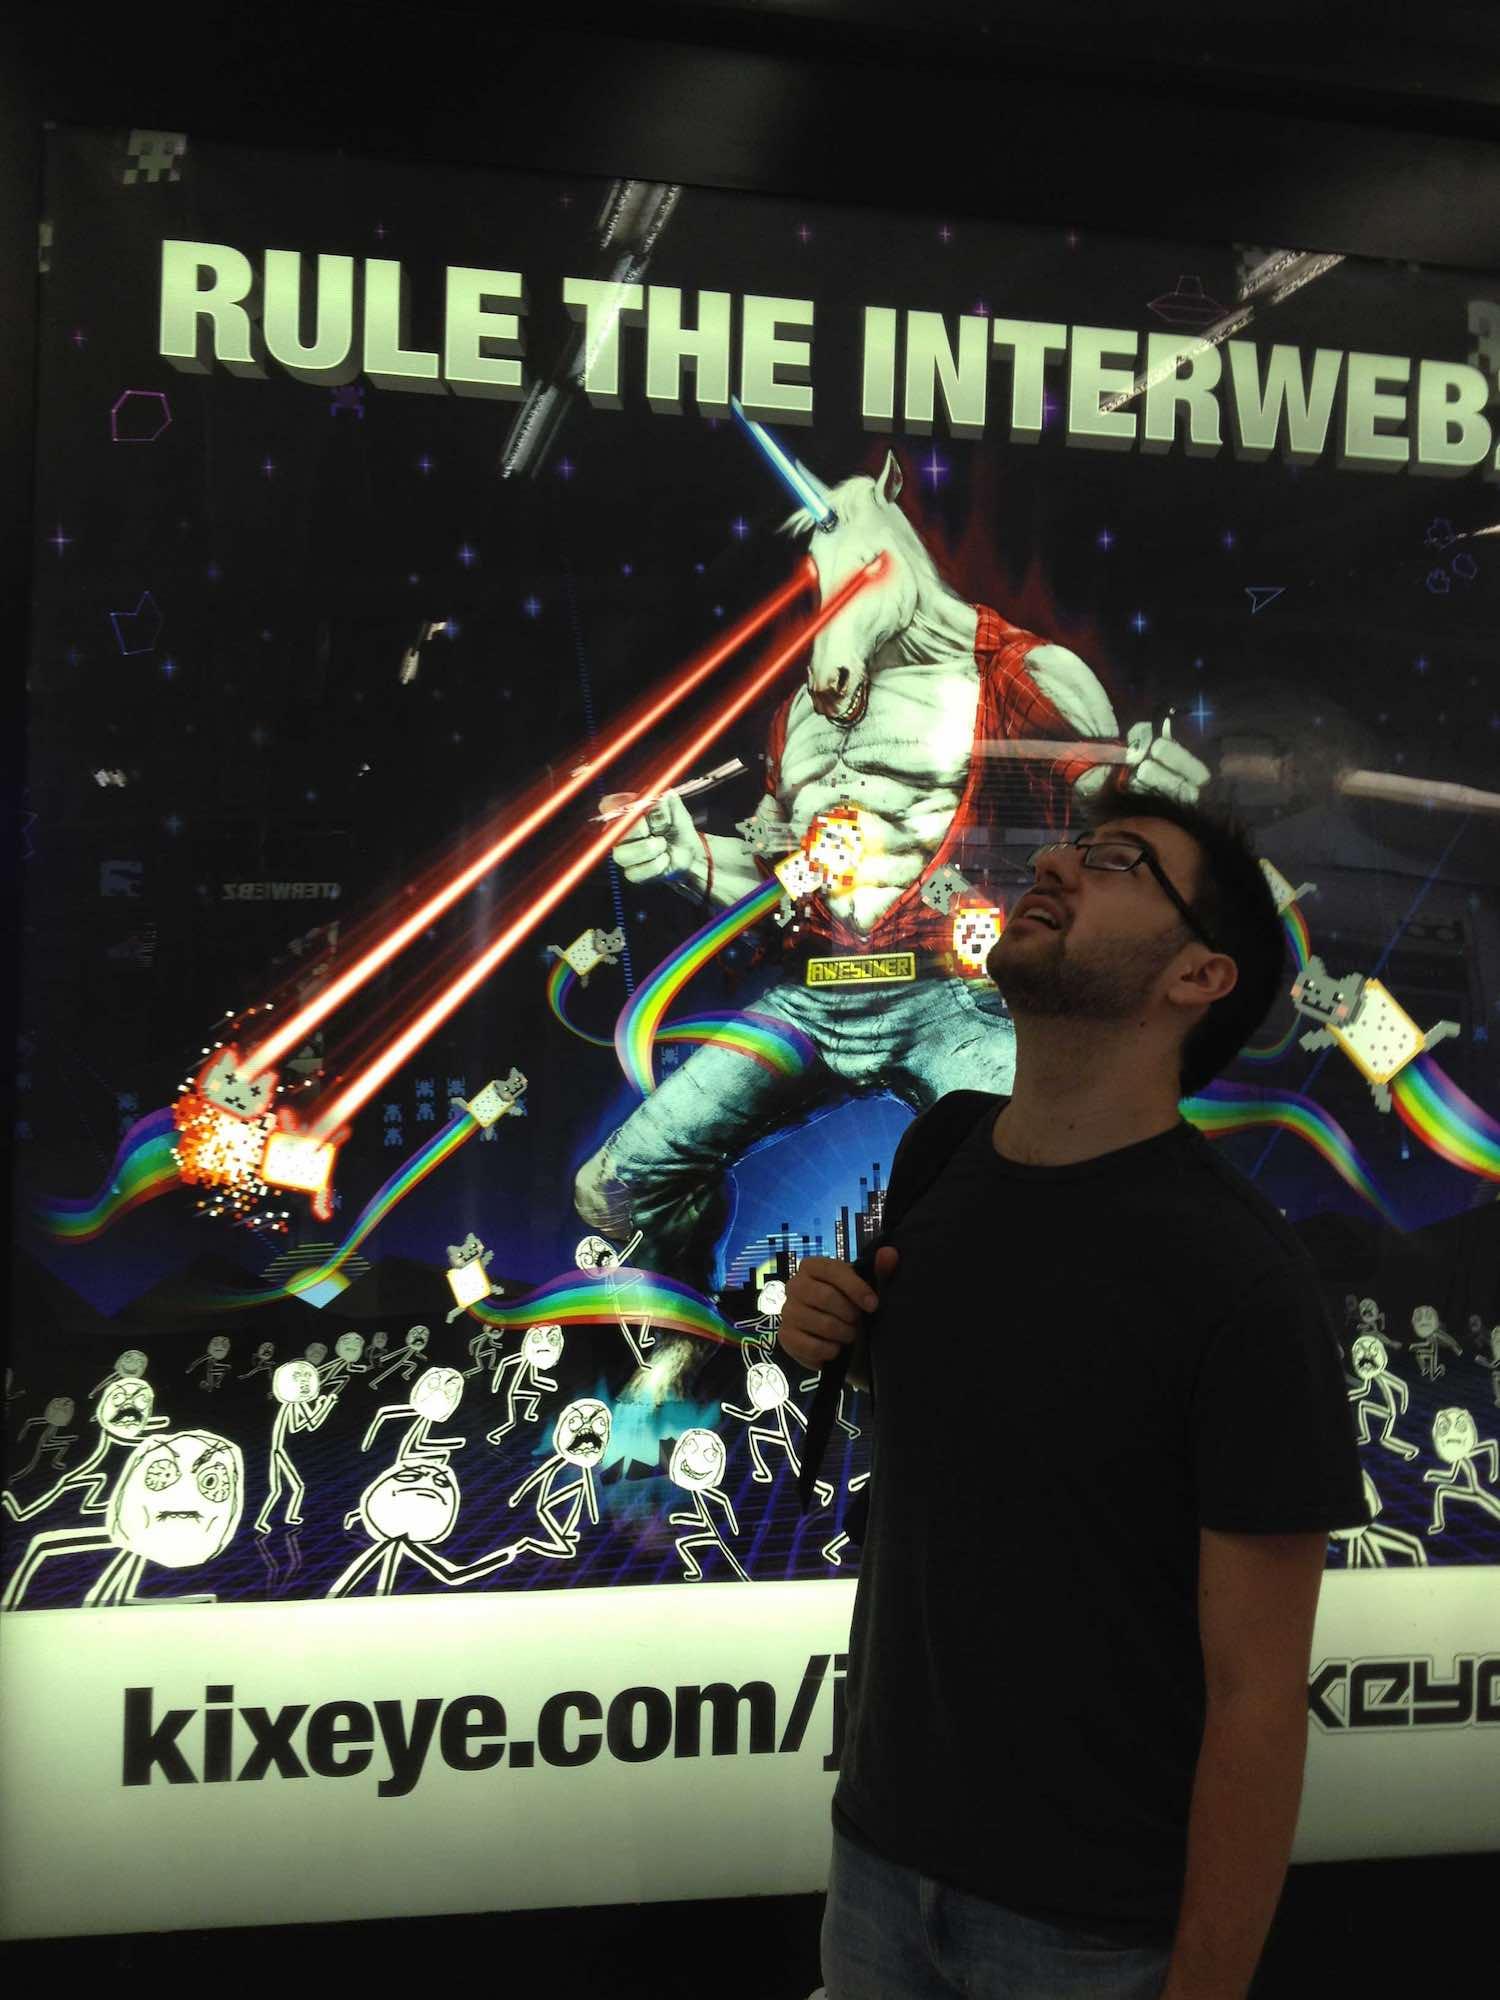 rule-the-interwebz sm.jpg